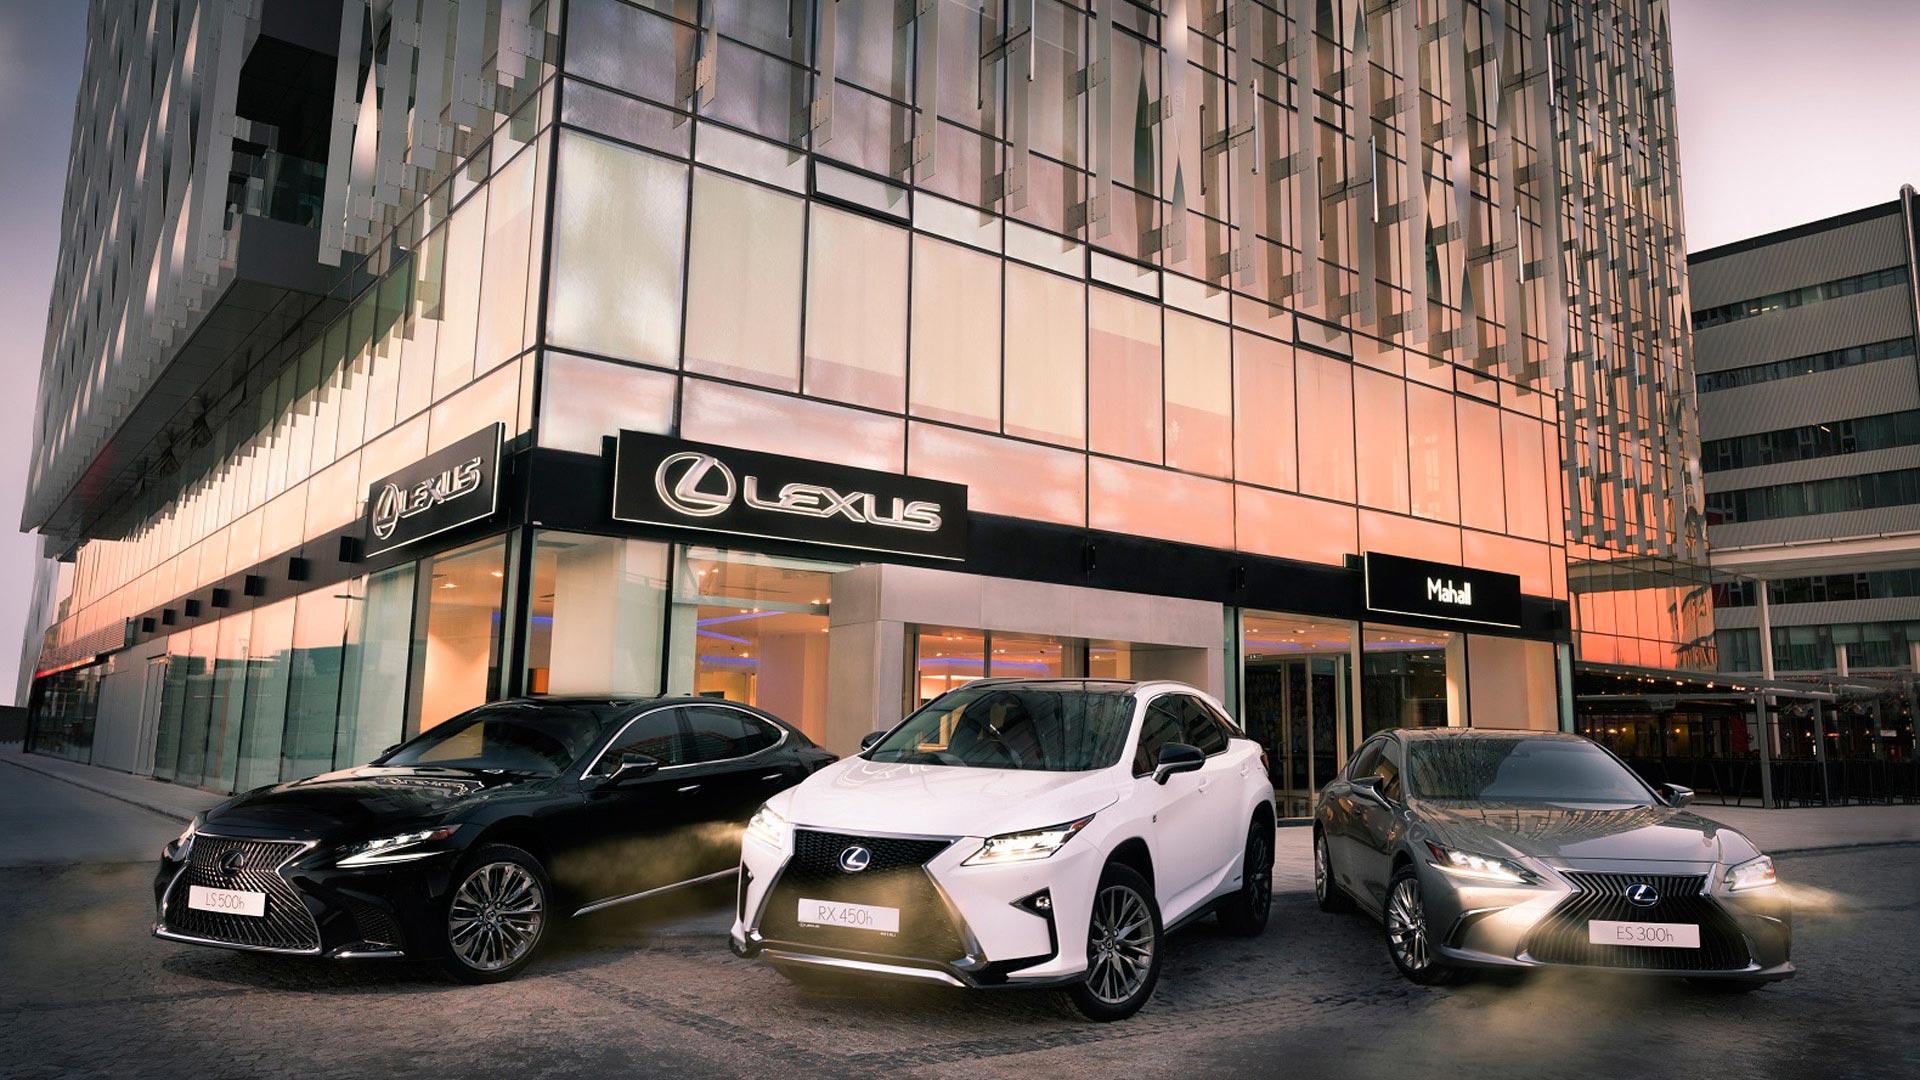 Lexus Mahall Ankara 1920x1080 v2